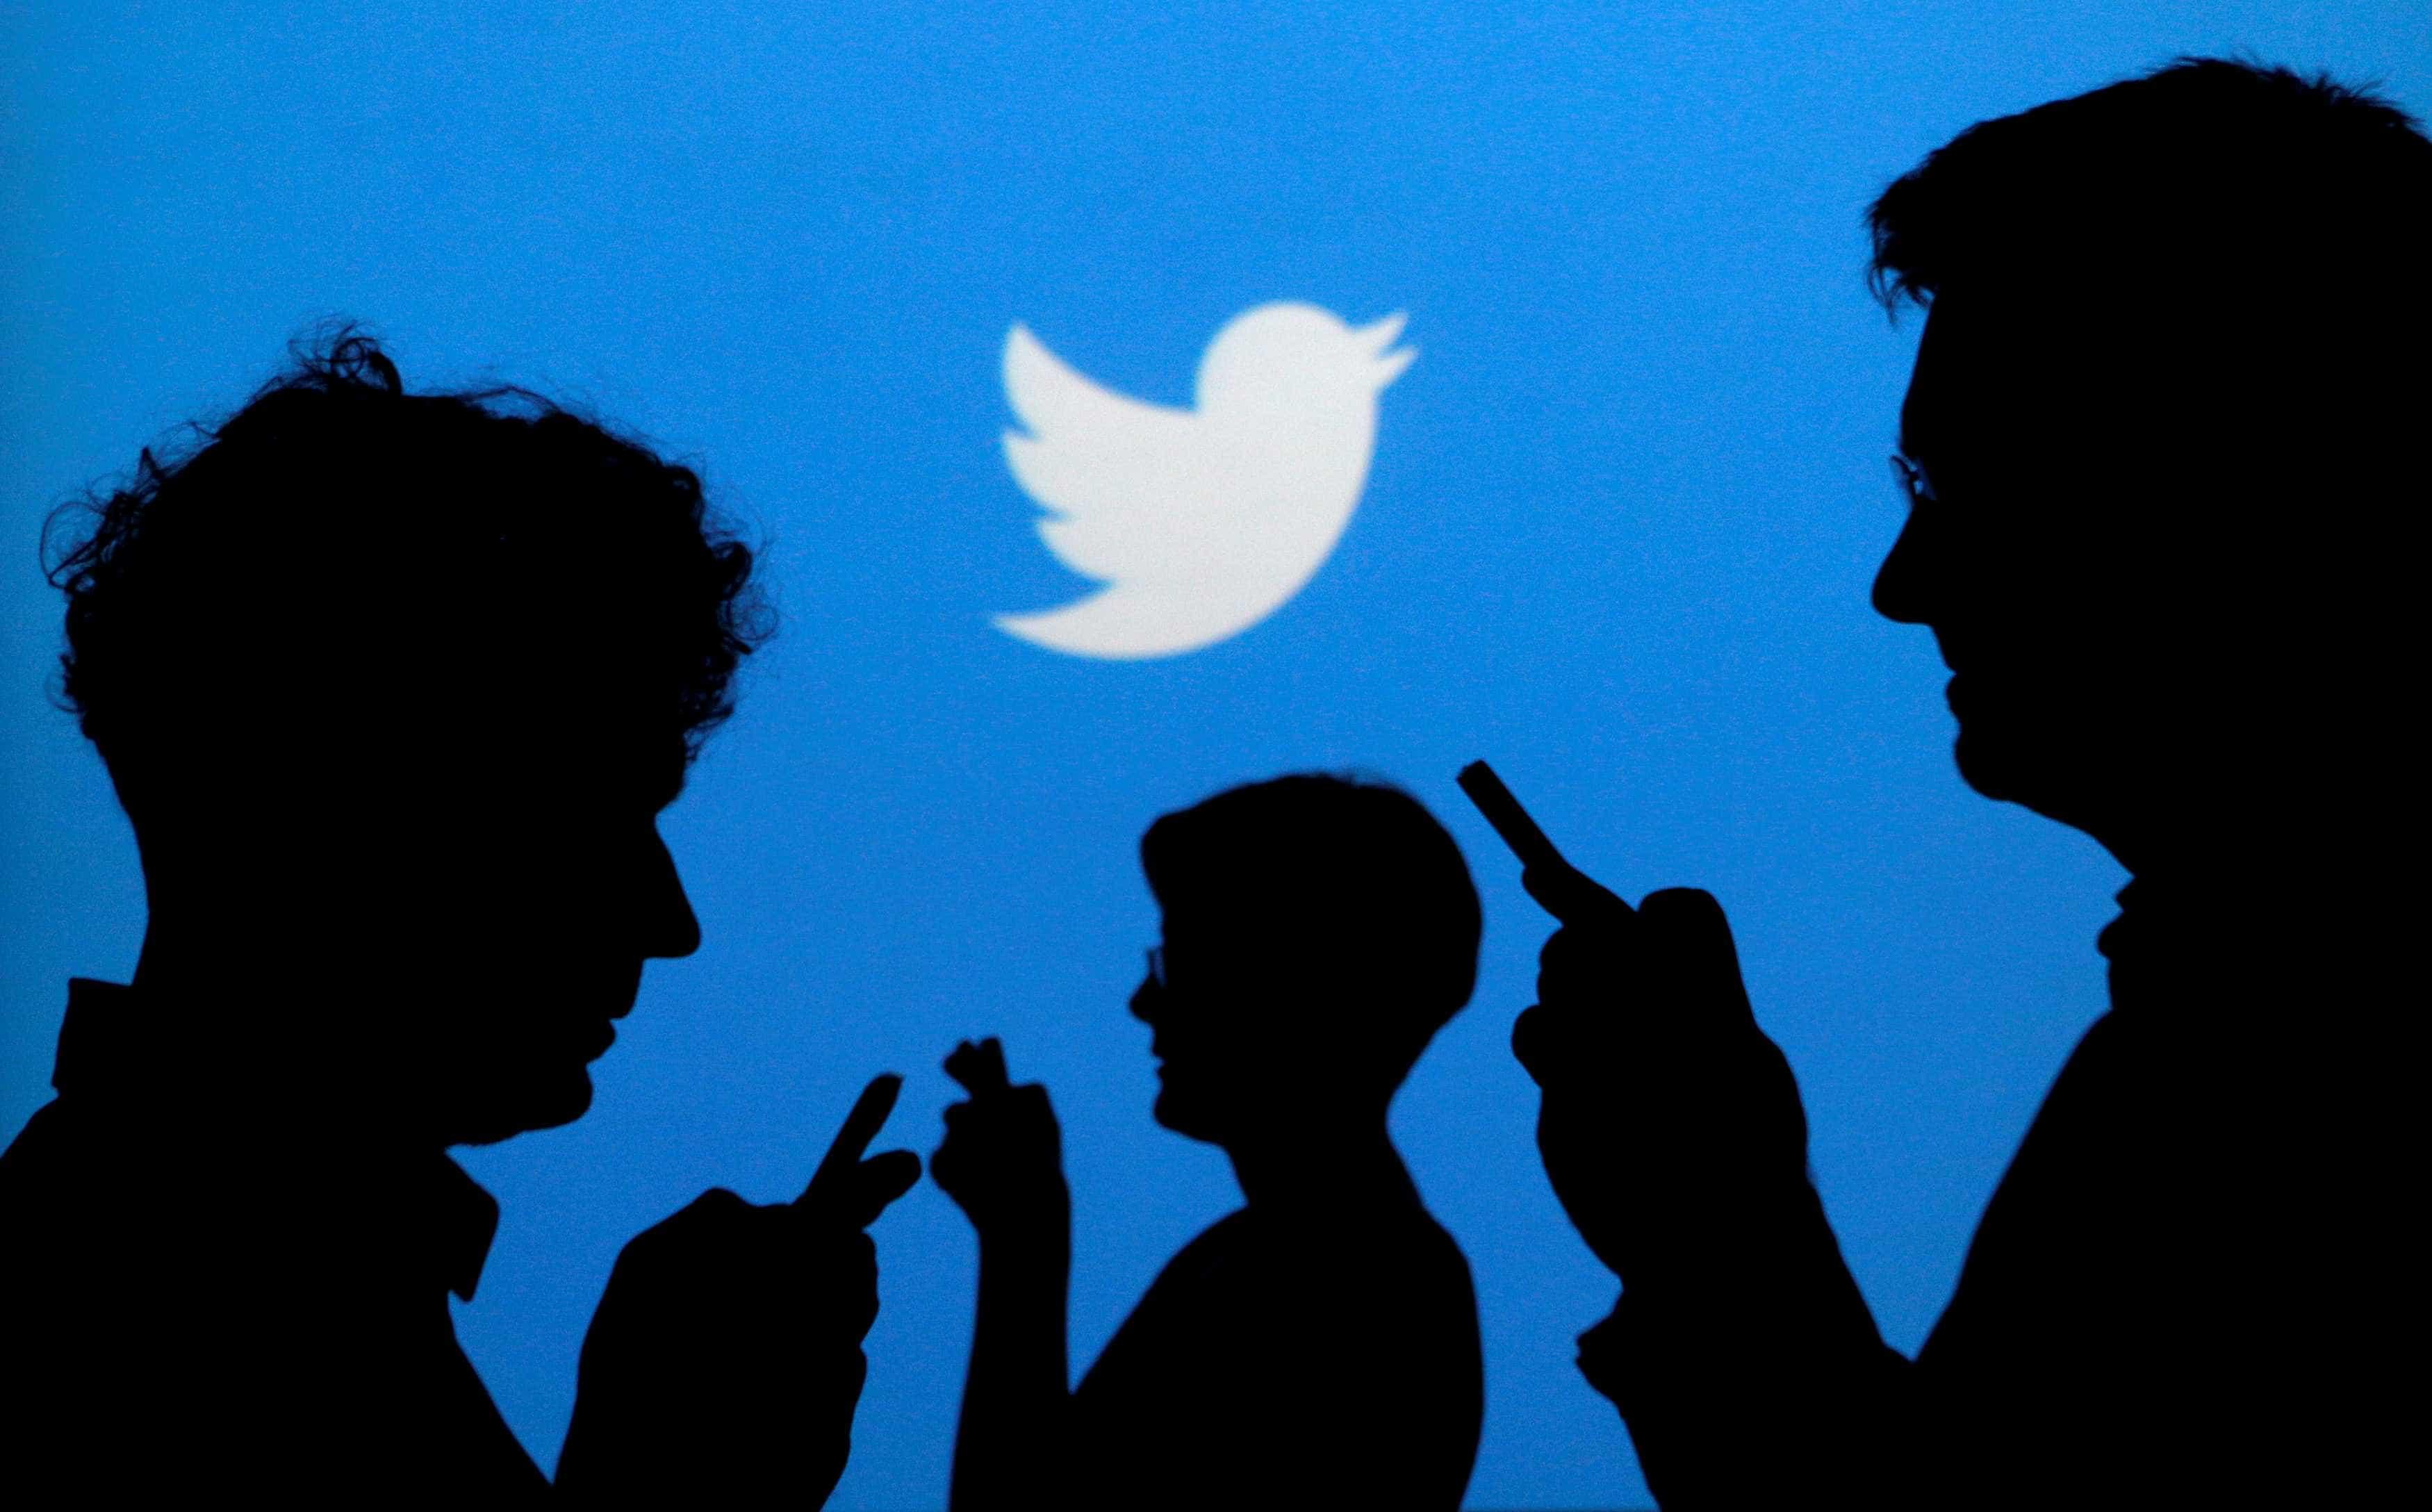 Twitter suspende mais de 70 milhões de contas em dois meses, diz jornal